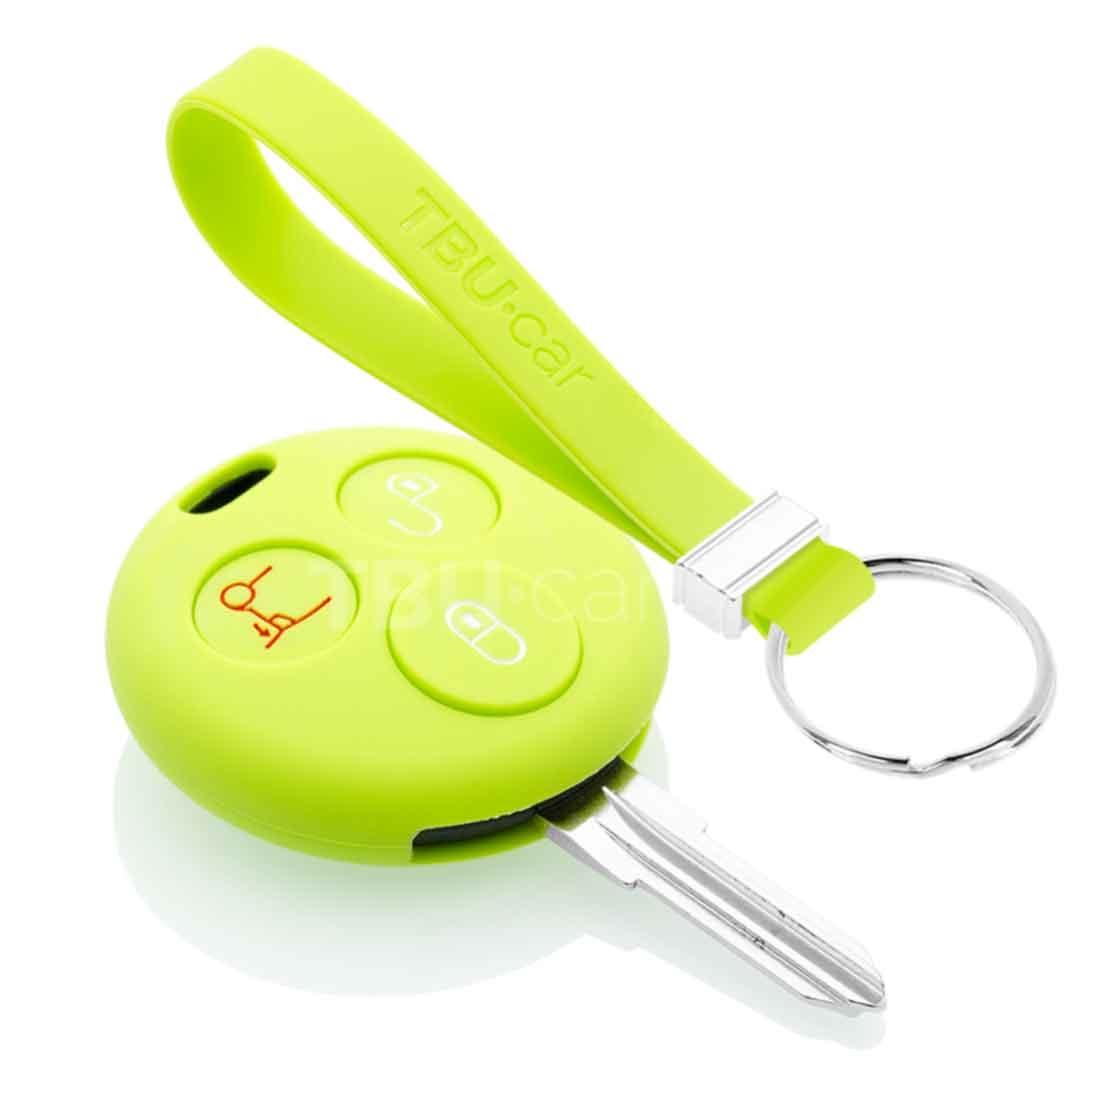 TBU car TBU car Sleutel cover compatibel met Smart - Silicone sleutelhoesje - beschermhoesje autosleutel - Lime groen